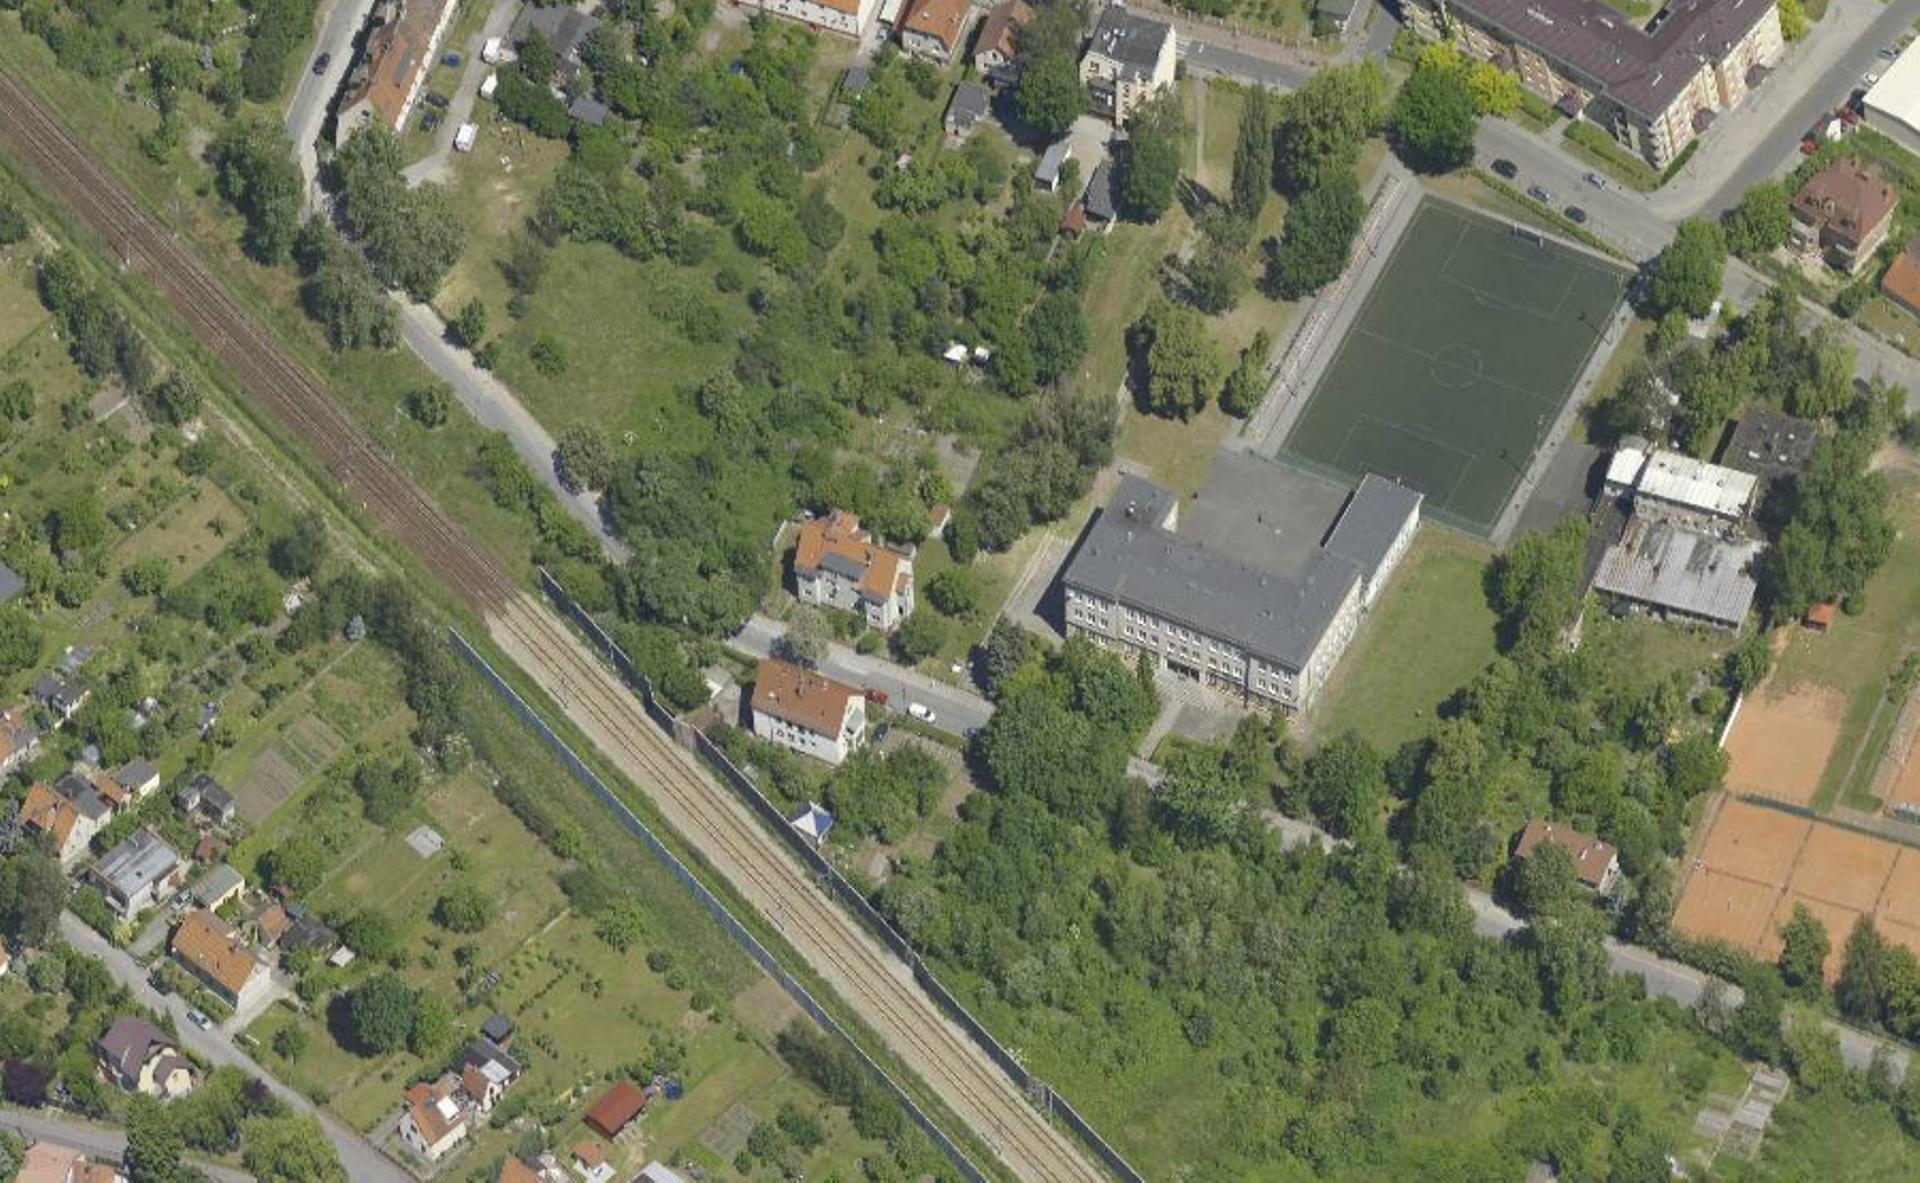 Wrocław: W Leśnicy powstanie market i osiedle willi miejskich? Miasto sprzeda działki